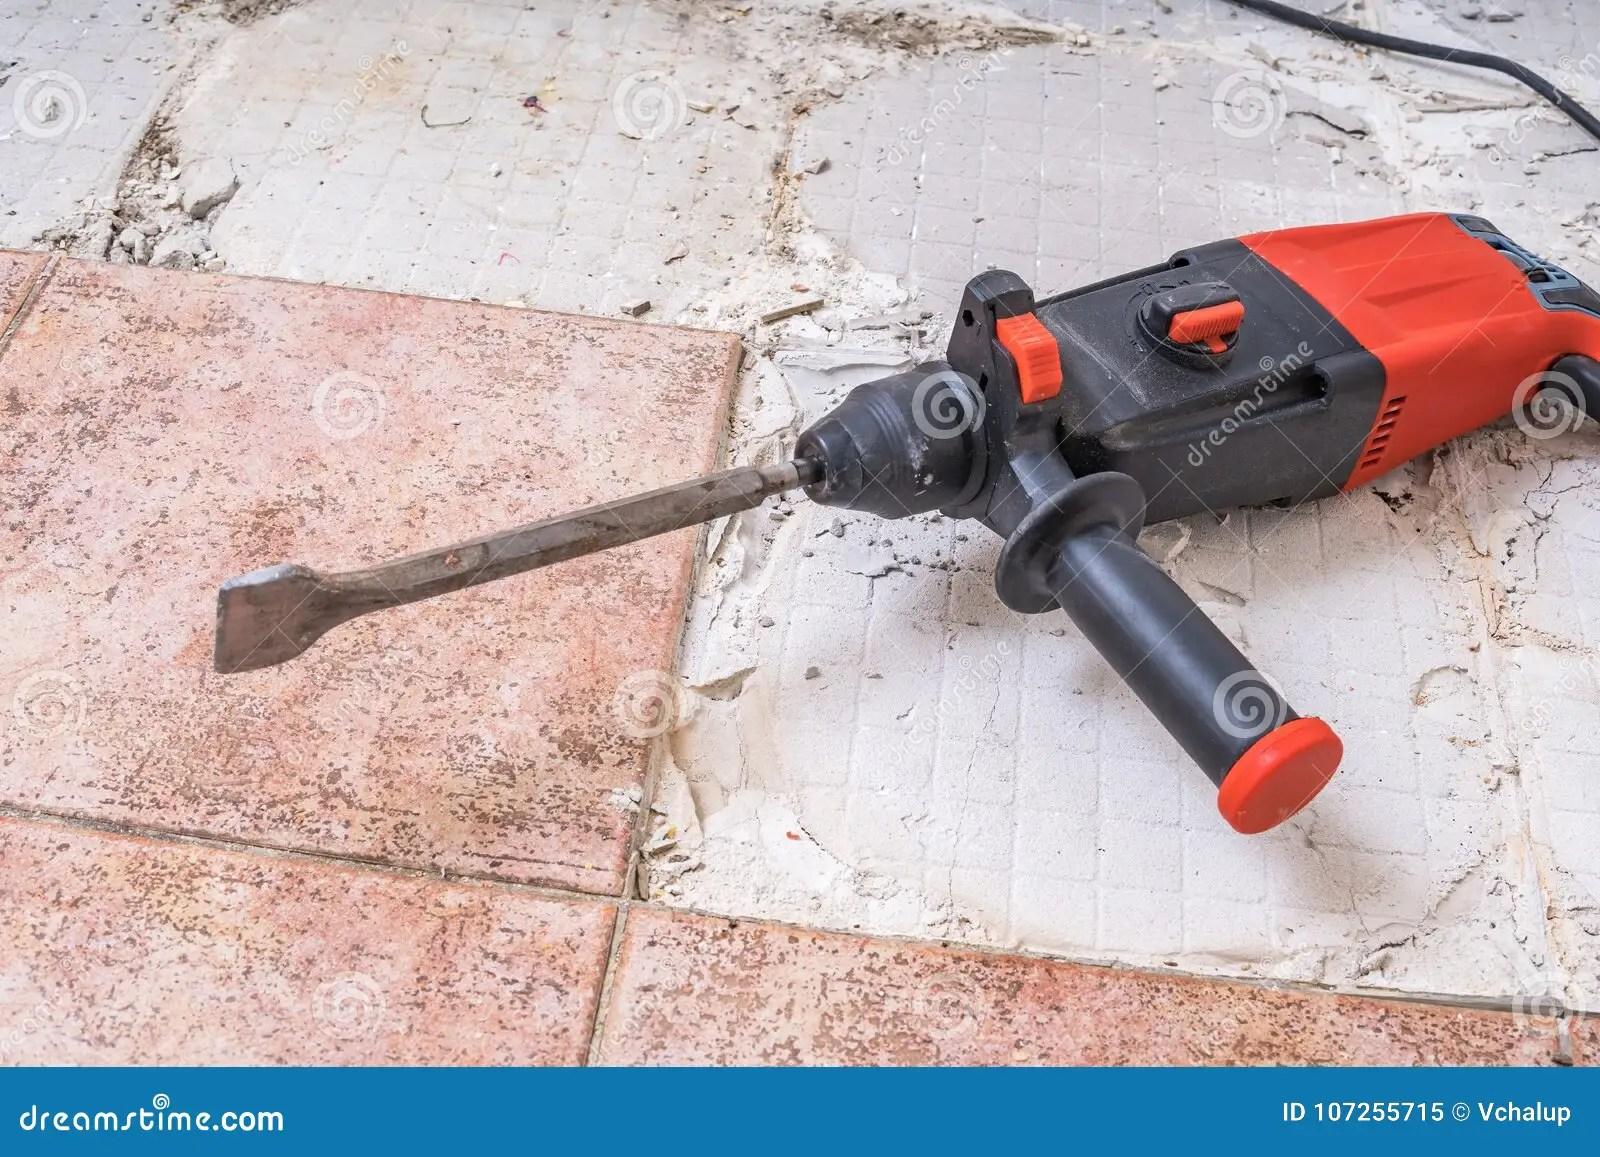 https www dreamstime com removing old tiles jackhammer drilling demolition hammer floor removing old tiles jackhammer drilling demolition hammer image107255715